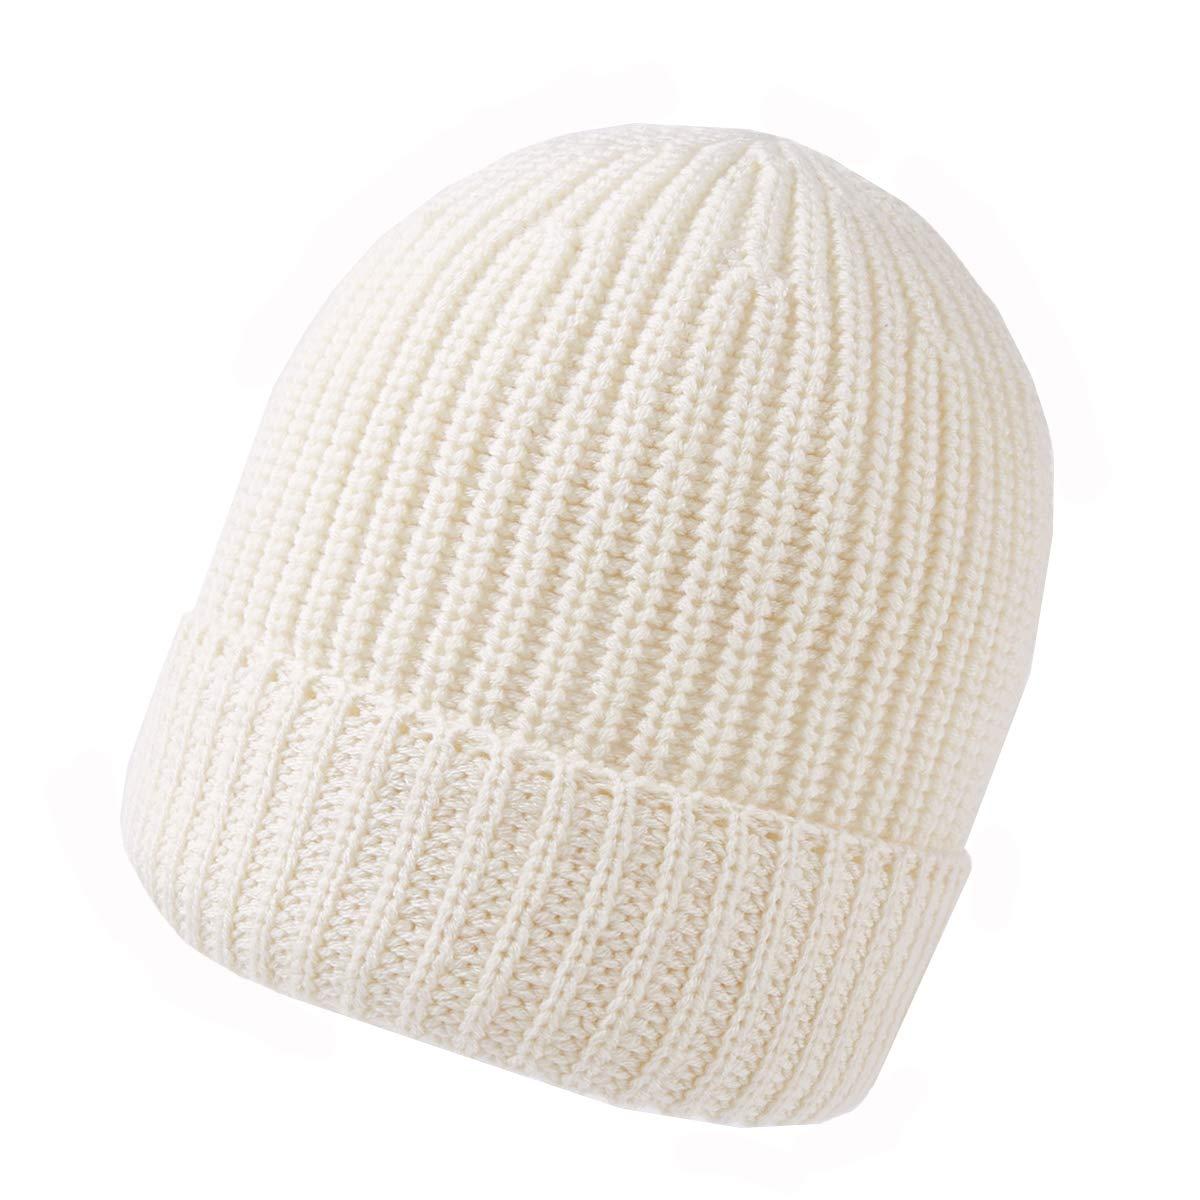 160d827c80736 Bonnets RIONA 30% Laine Bonnet Hiver Chapeau tricoté Homme Beanie Hats  Hiver Chapeau Wool Beanie pour ...